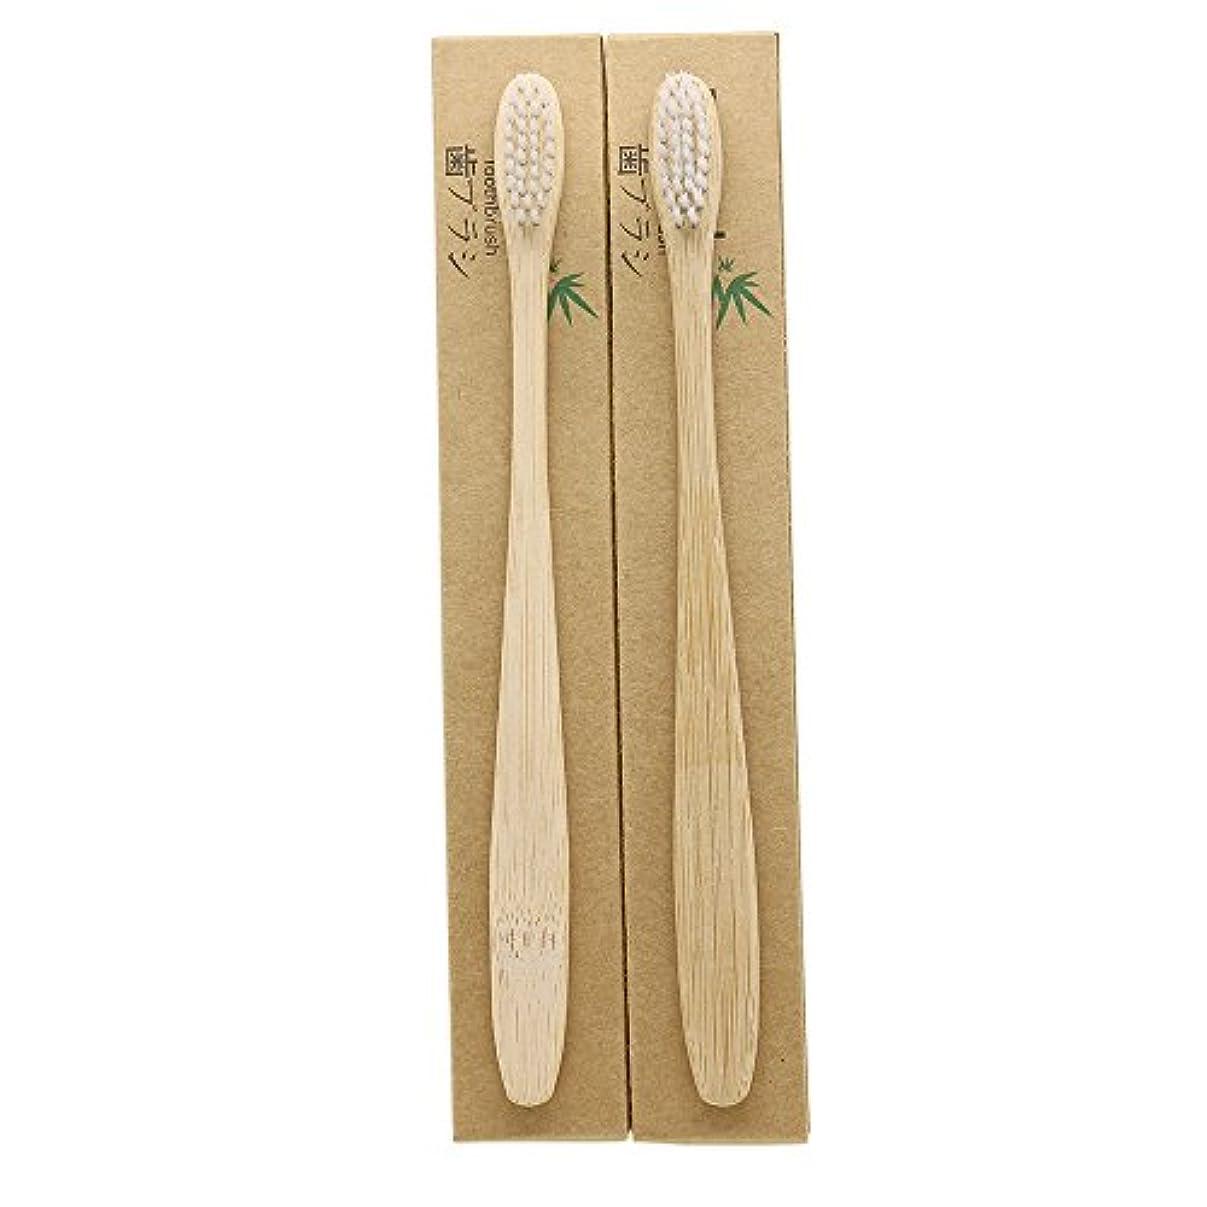 延ばす剣演劇N-amboo 竹製耐久度高い 歯ブラシ 2本入り セット エコ ヘッド小さい 白い